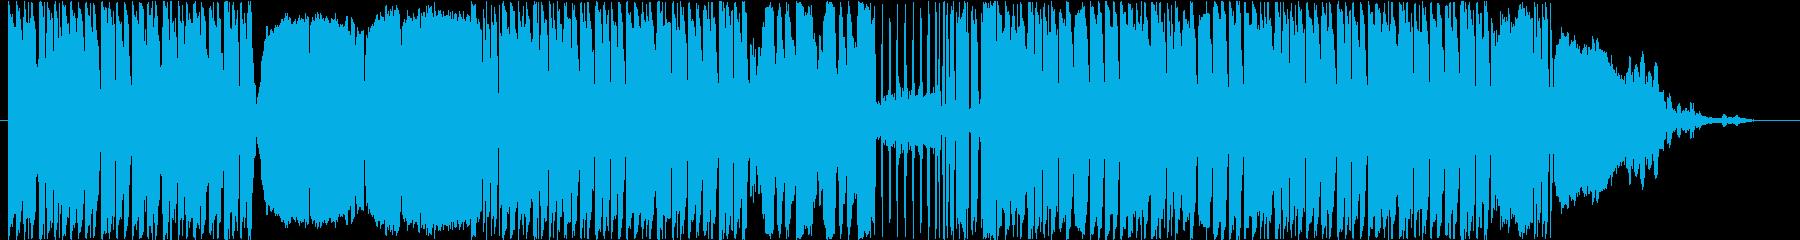 エキセントリックでユーモアのあるBGMの再生済みの波形